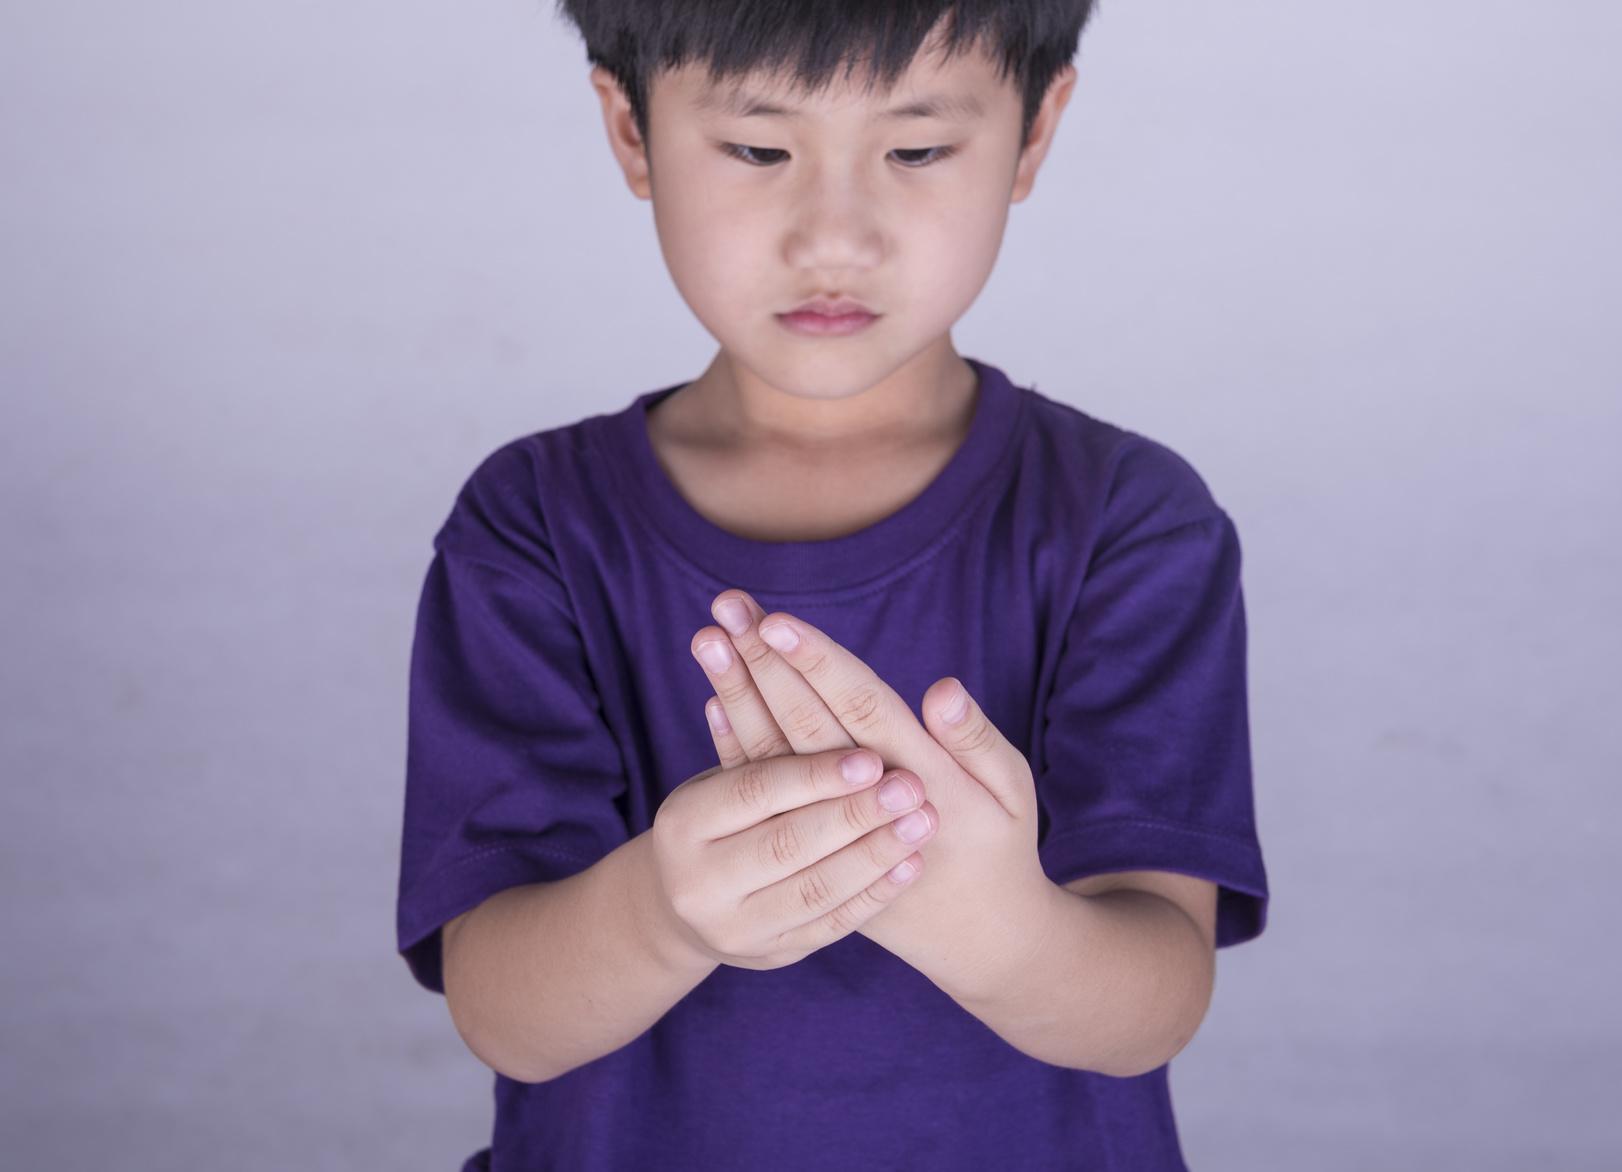 Rheuma: Junge hält seine Hand